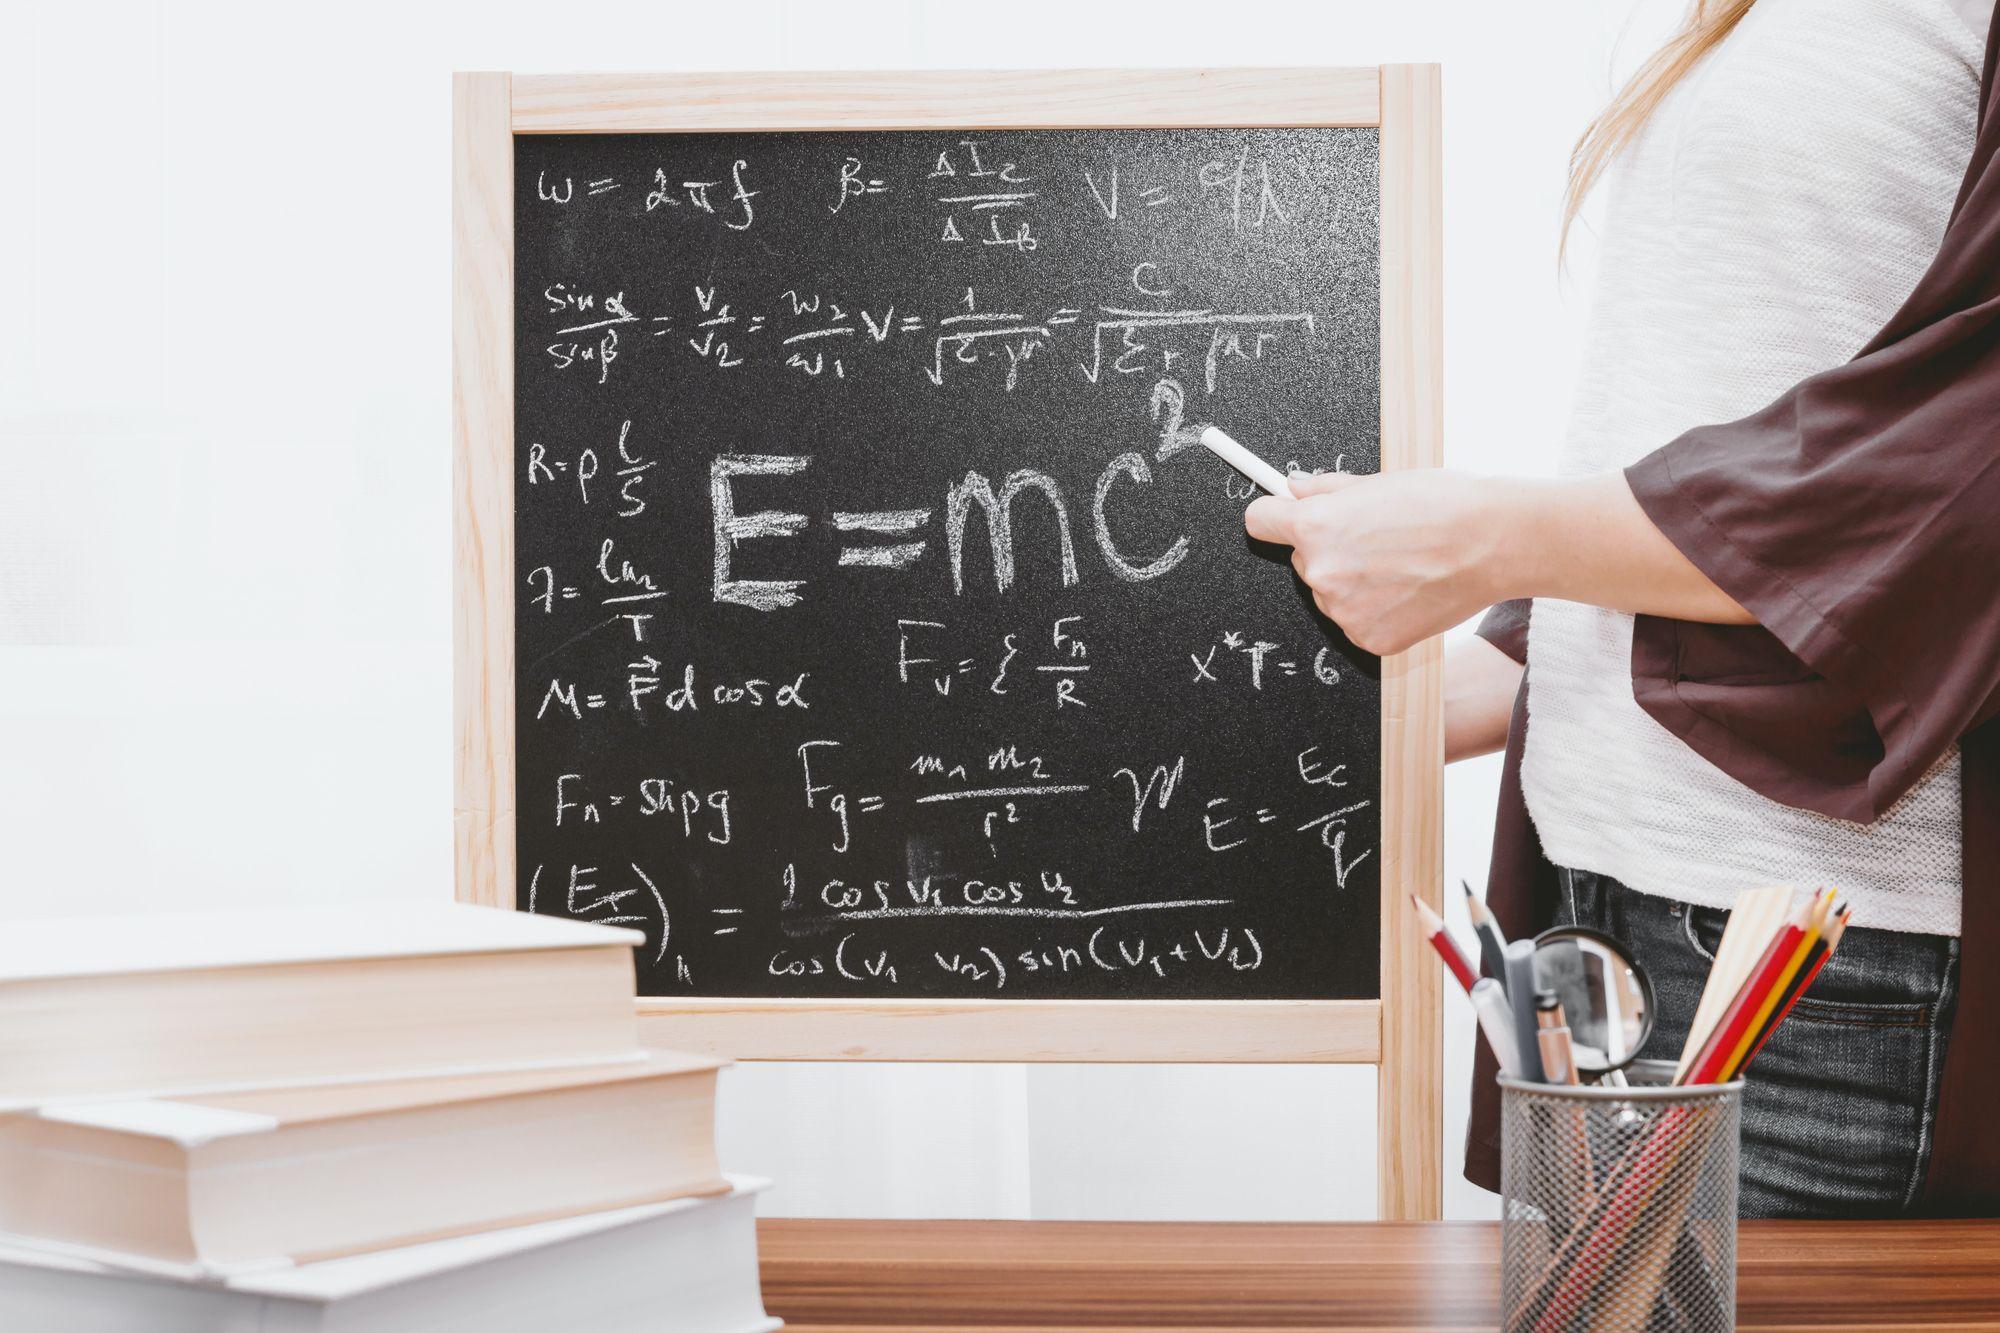 A math problem written on the blackboard